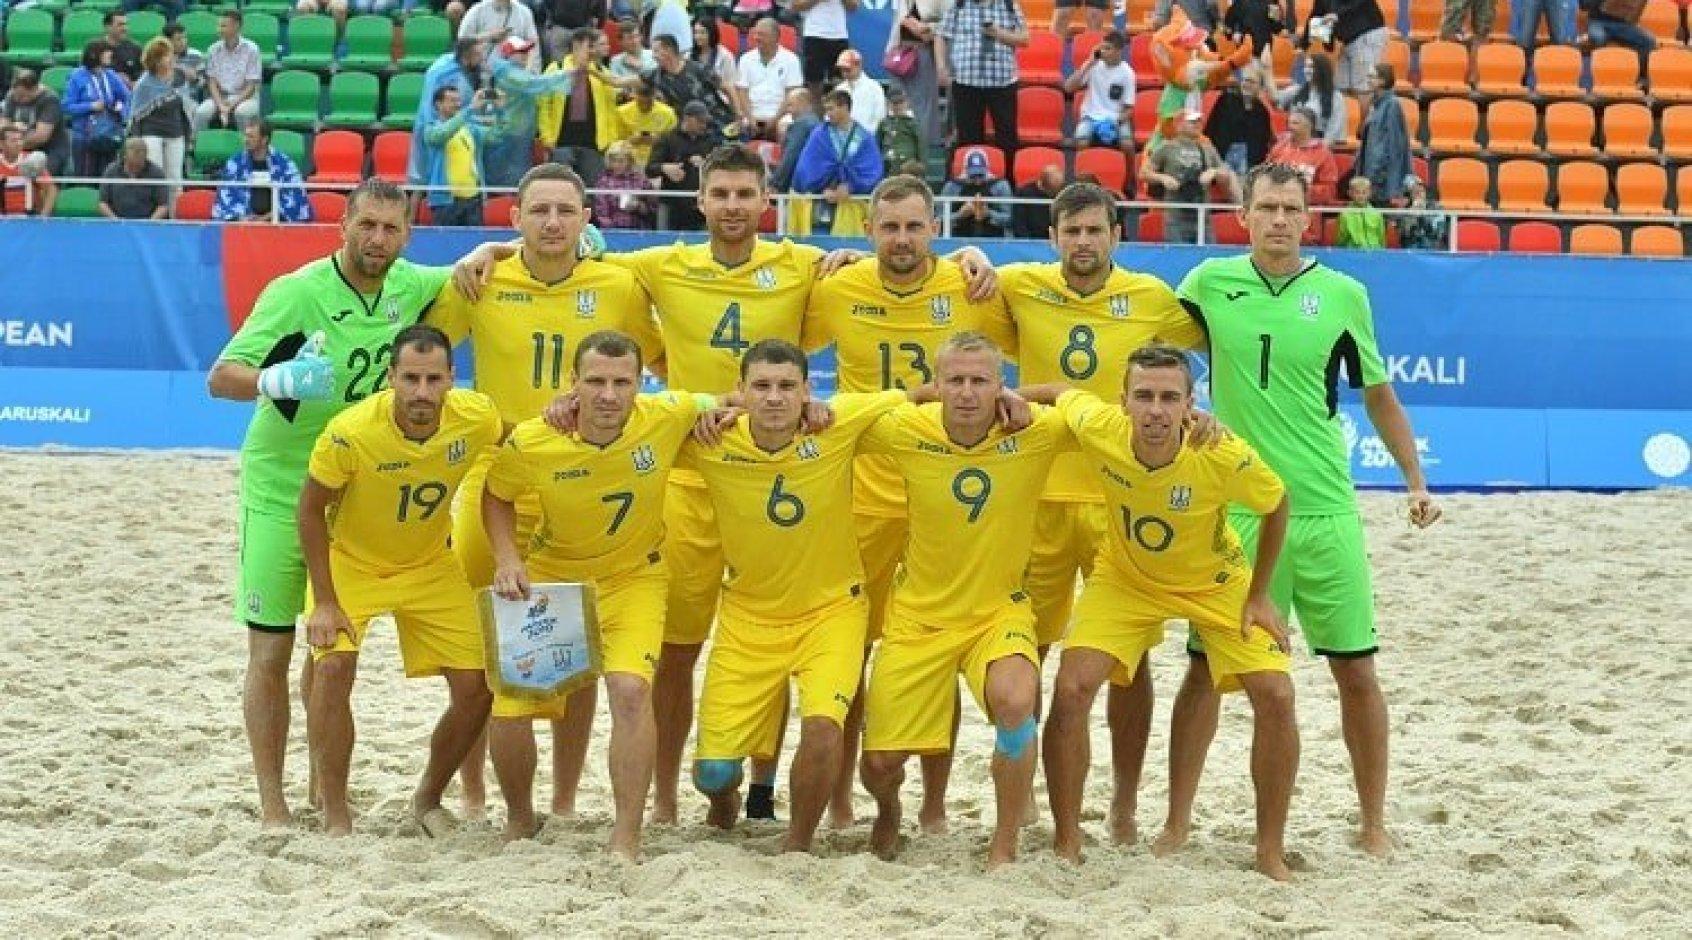 """Пляжний футбол. ΙΙ Європейські ігри. 1/2 фіналу. Португалія -Україна3:2. Посперечаємось за """"бронзу"""""""